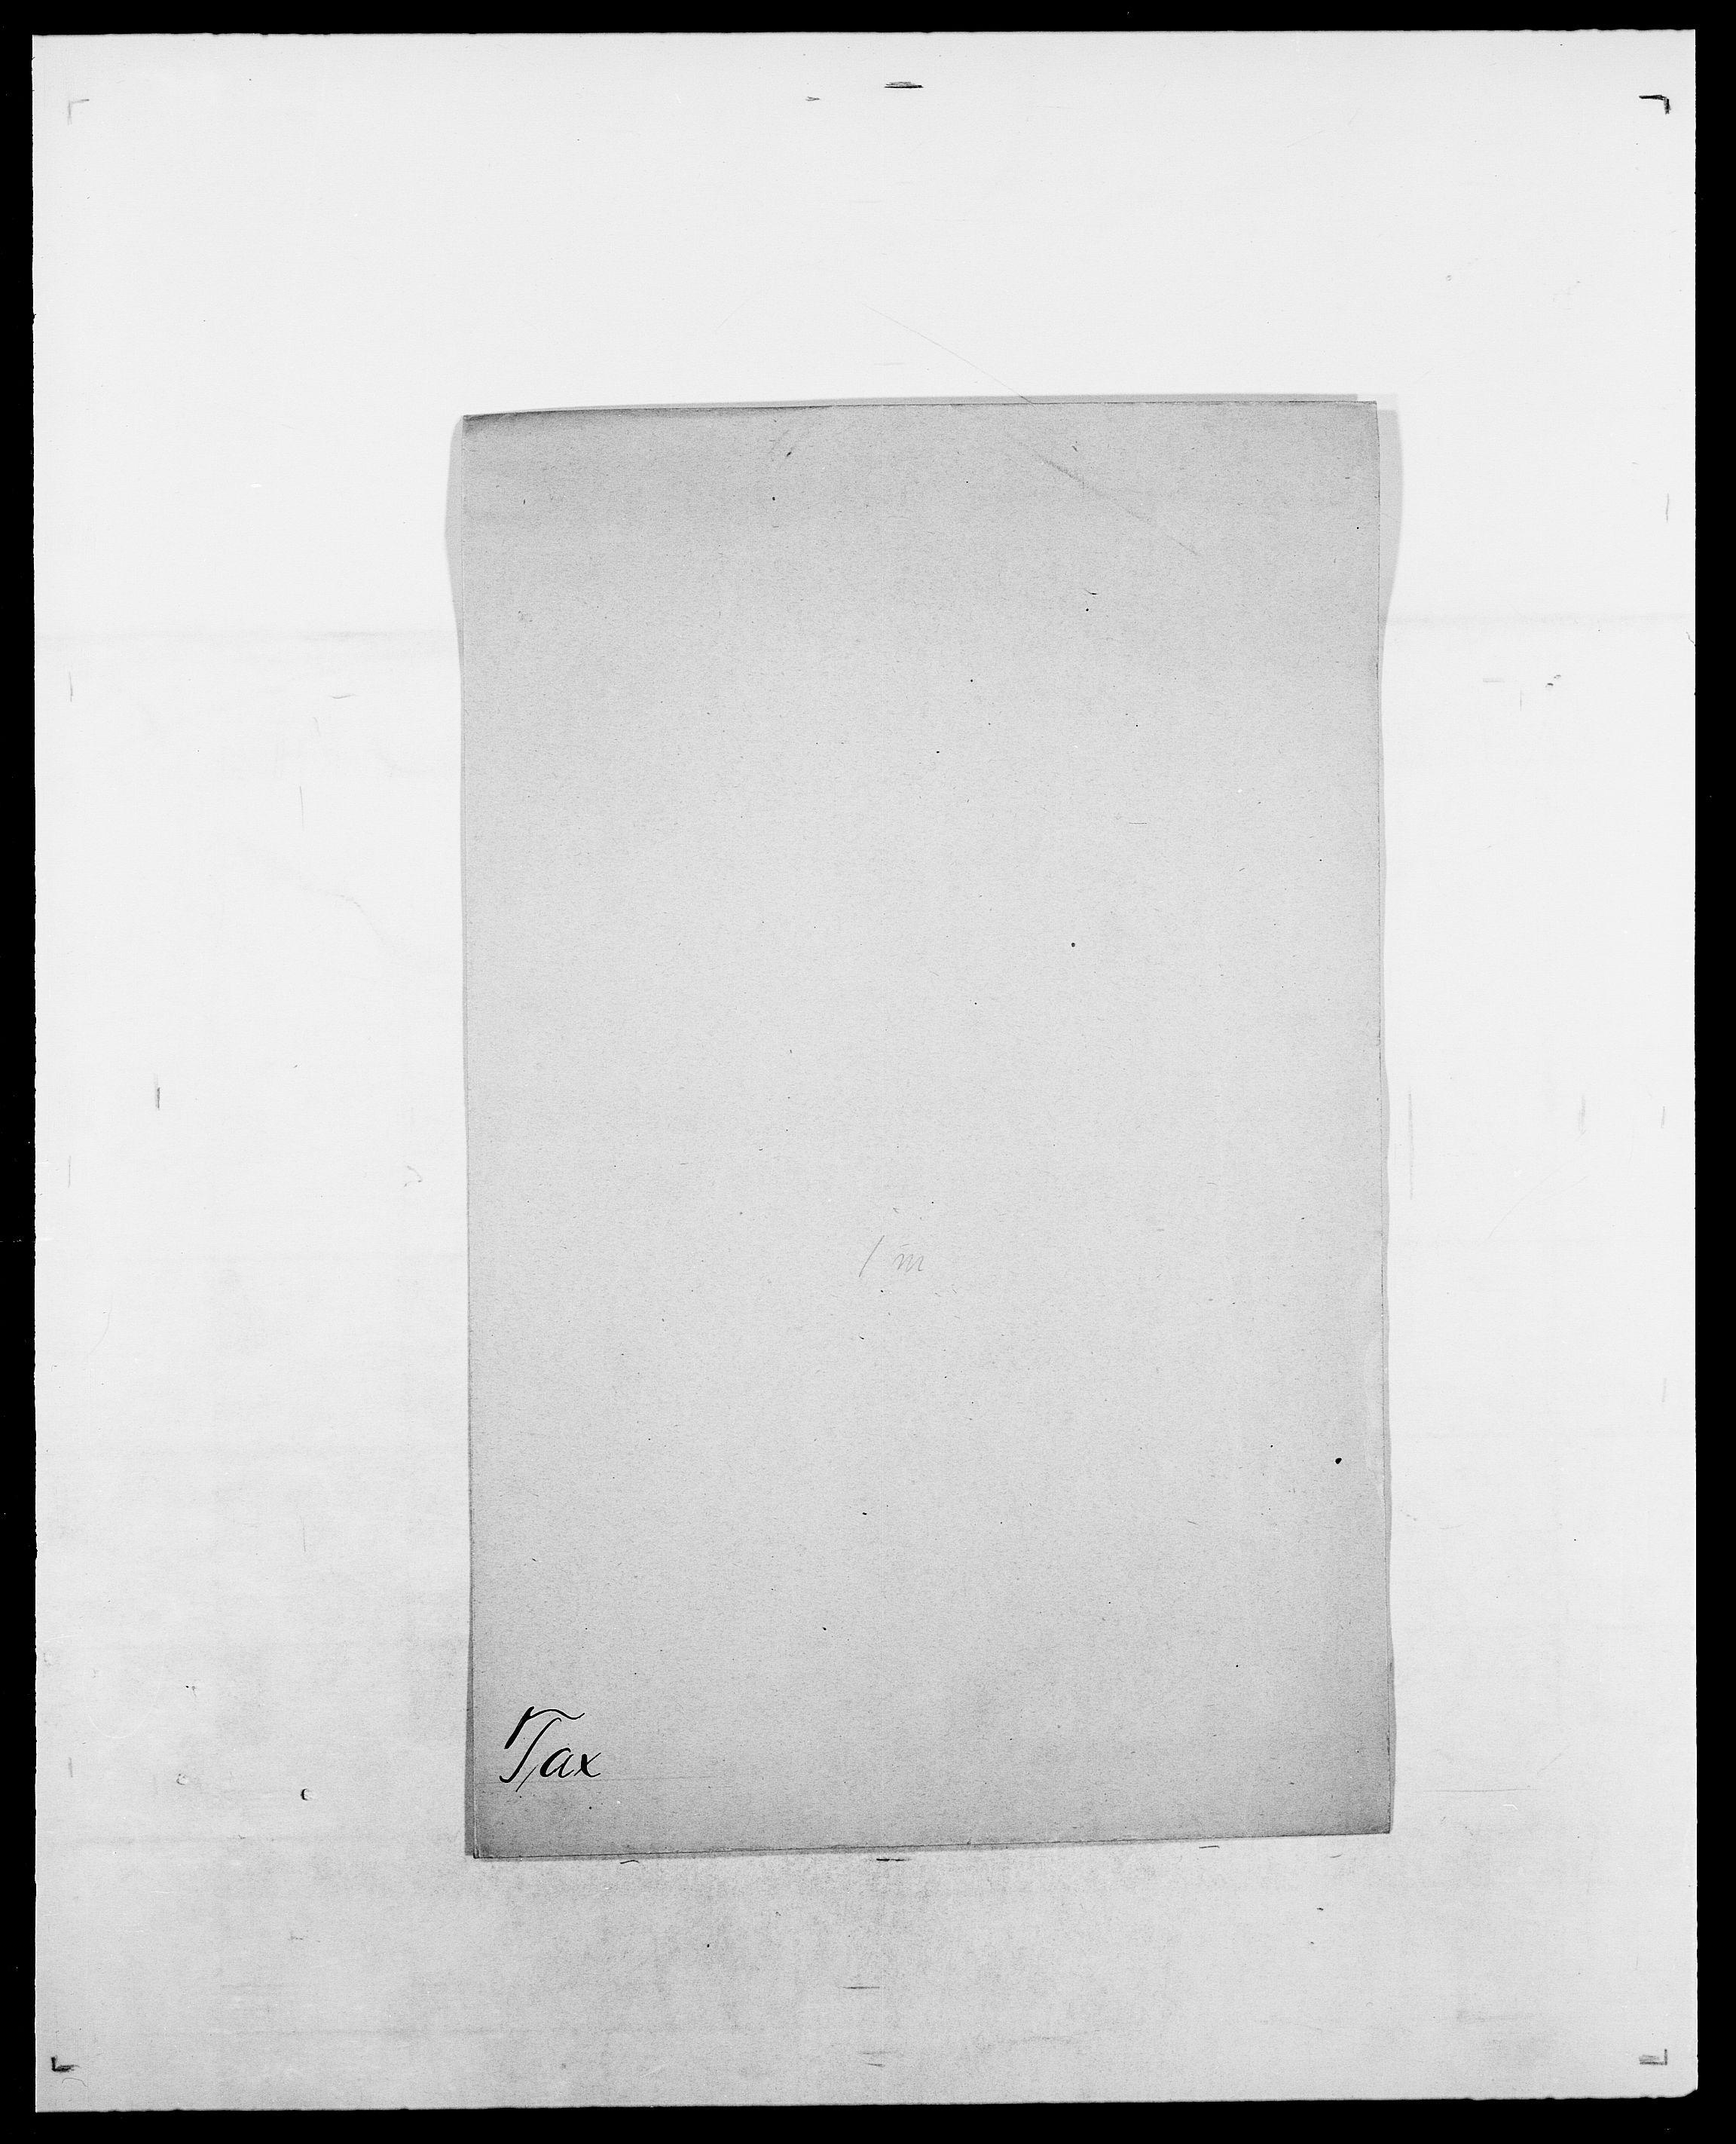 SAO, Delgobe, Charles Antoine - samling, D/Da/L0038: Svanenskjold - Thornsohn, s. 374